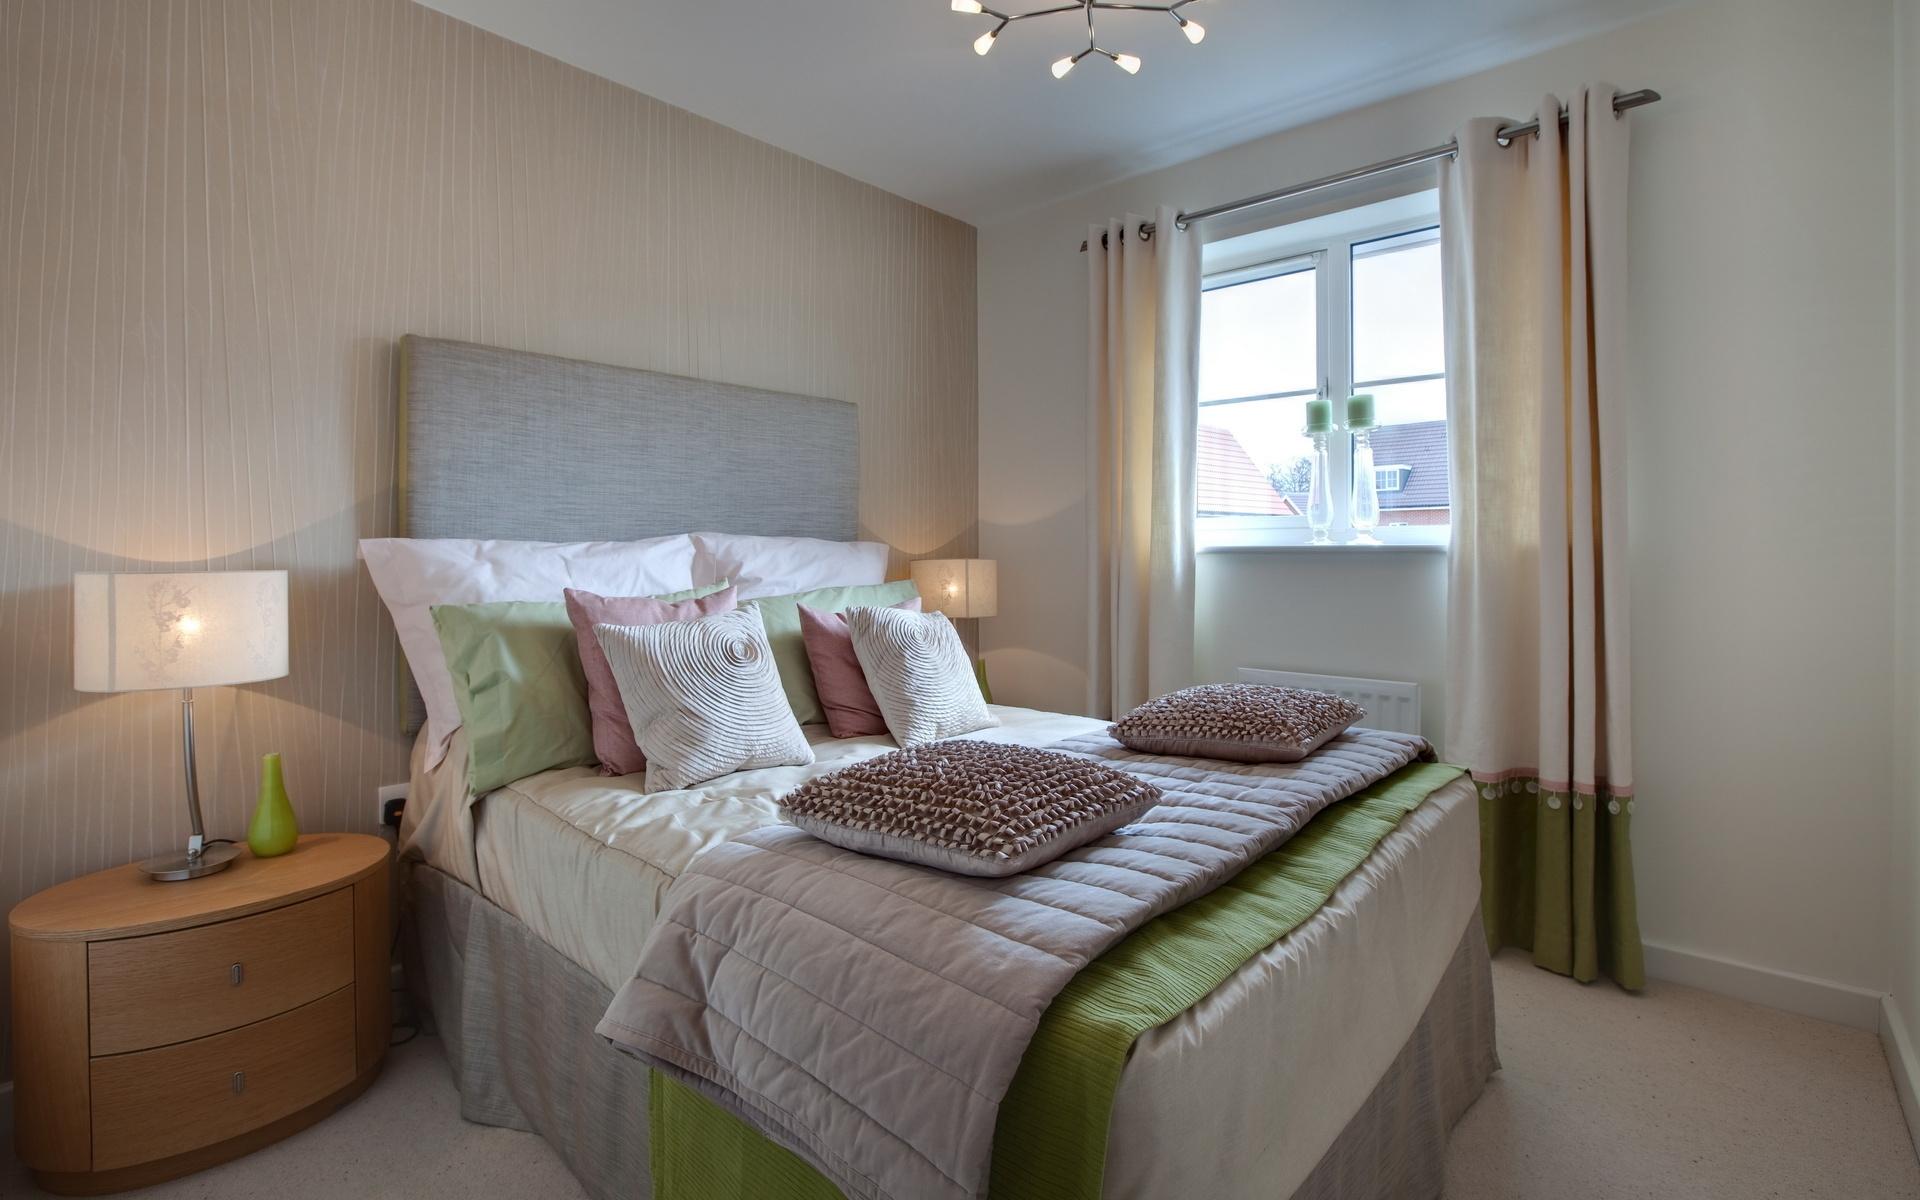 artleocom5136 - Идеи интерьера трехкомнатной квартиры